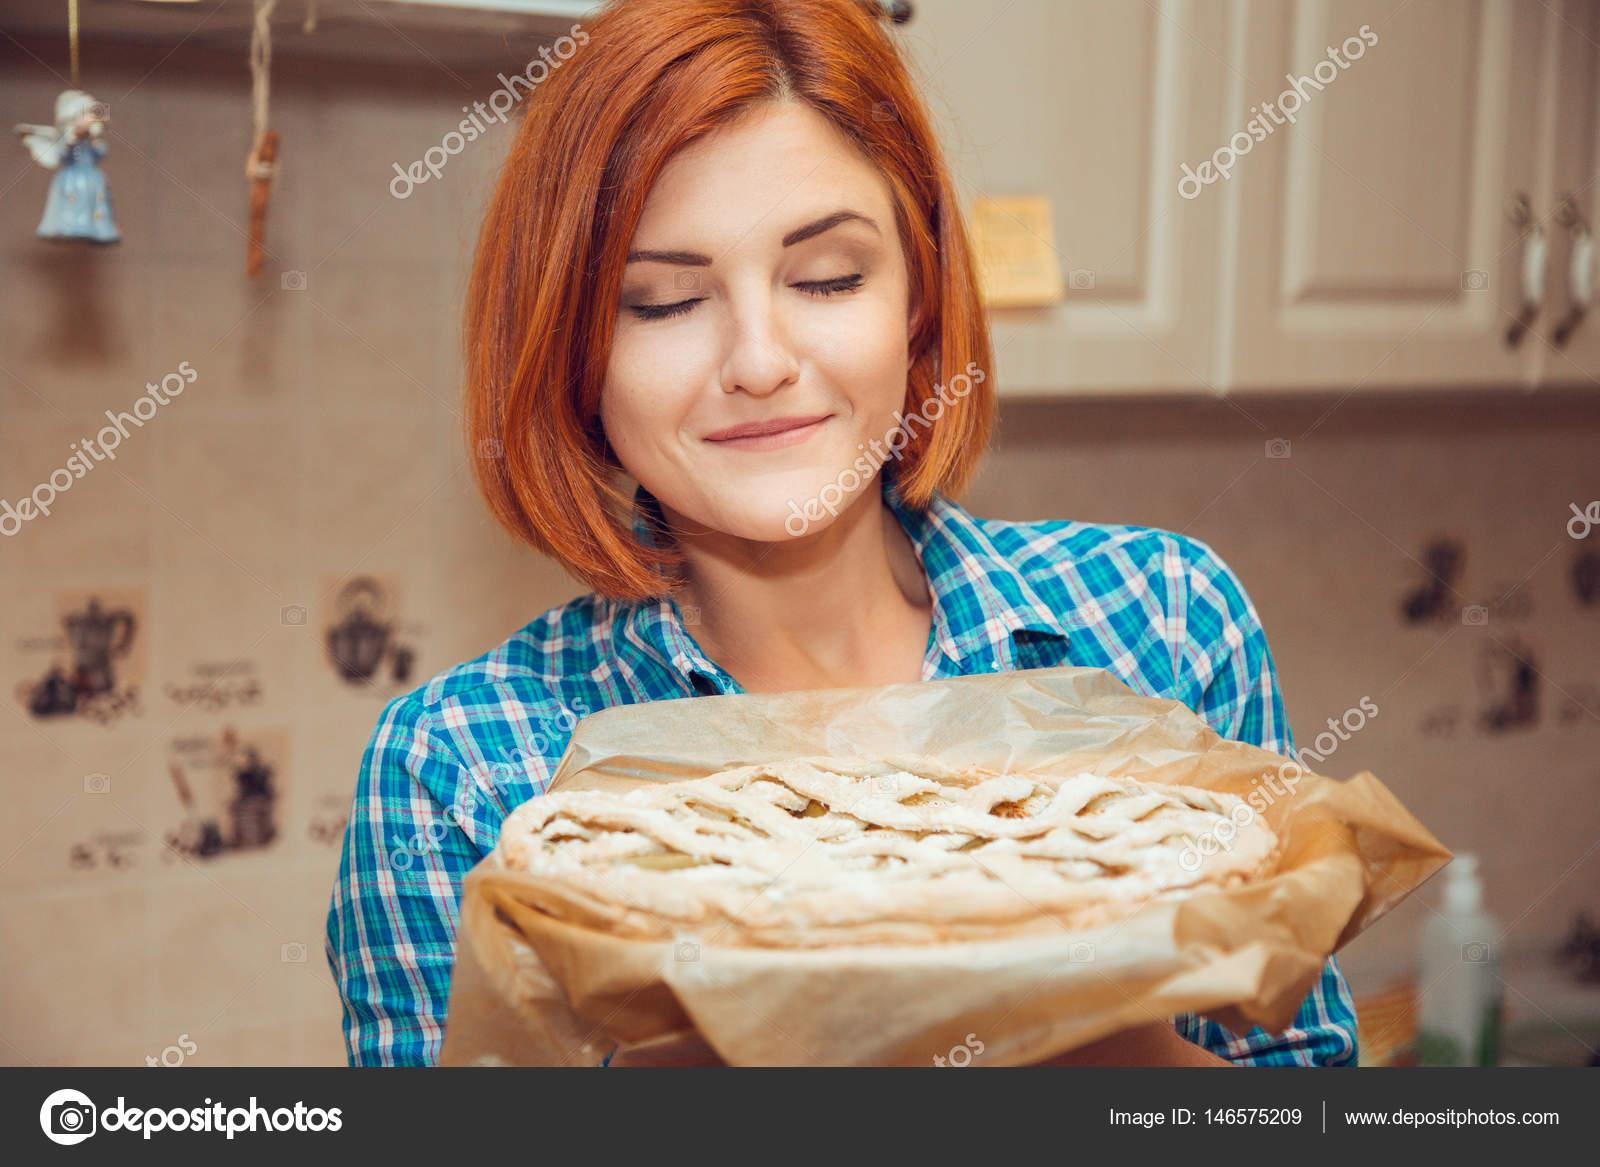 Фото красивых пирог женщин порно старыми